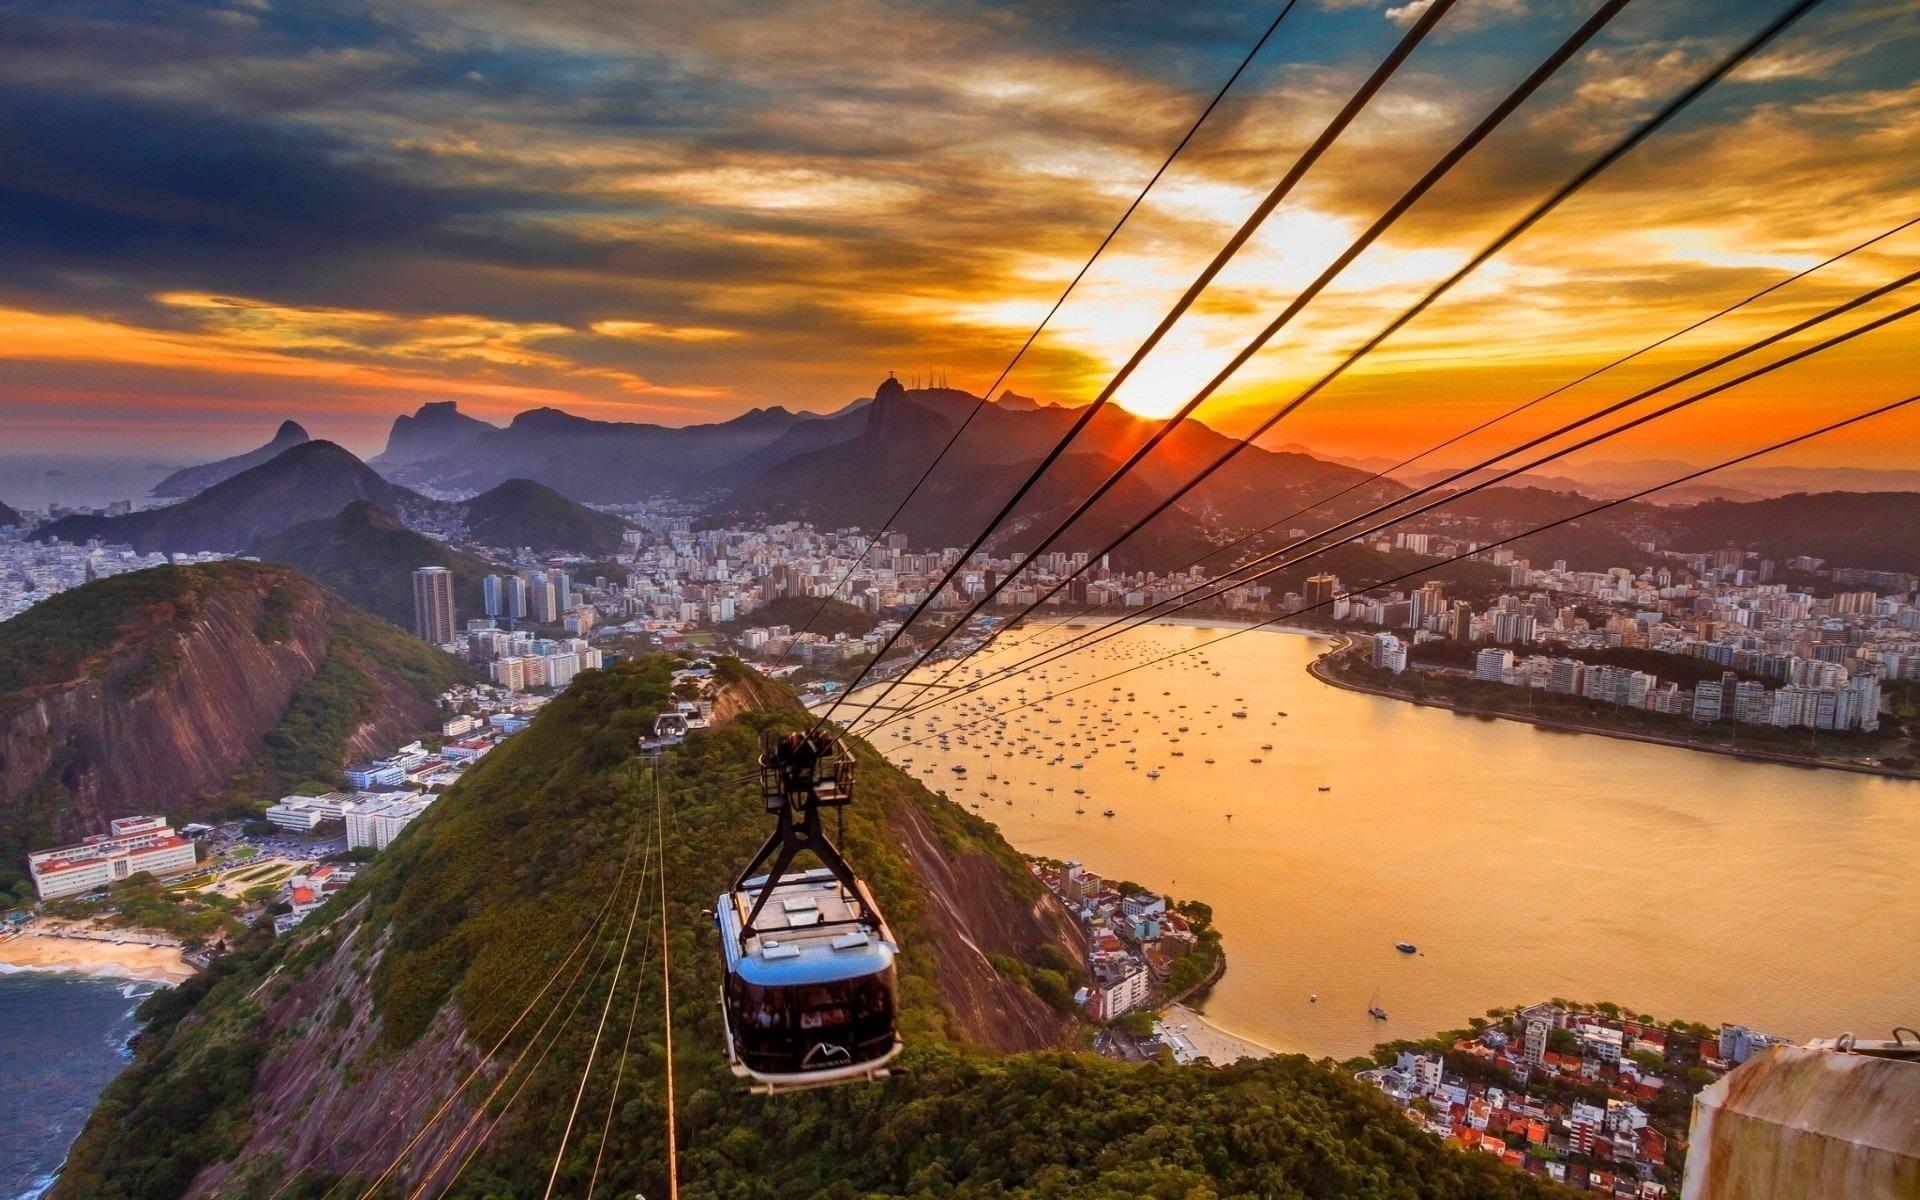 wyprawy-Perły-Ameryki-Południowej-Rio-de-Janeiro- Głowa-Cukru